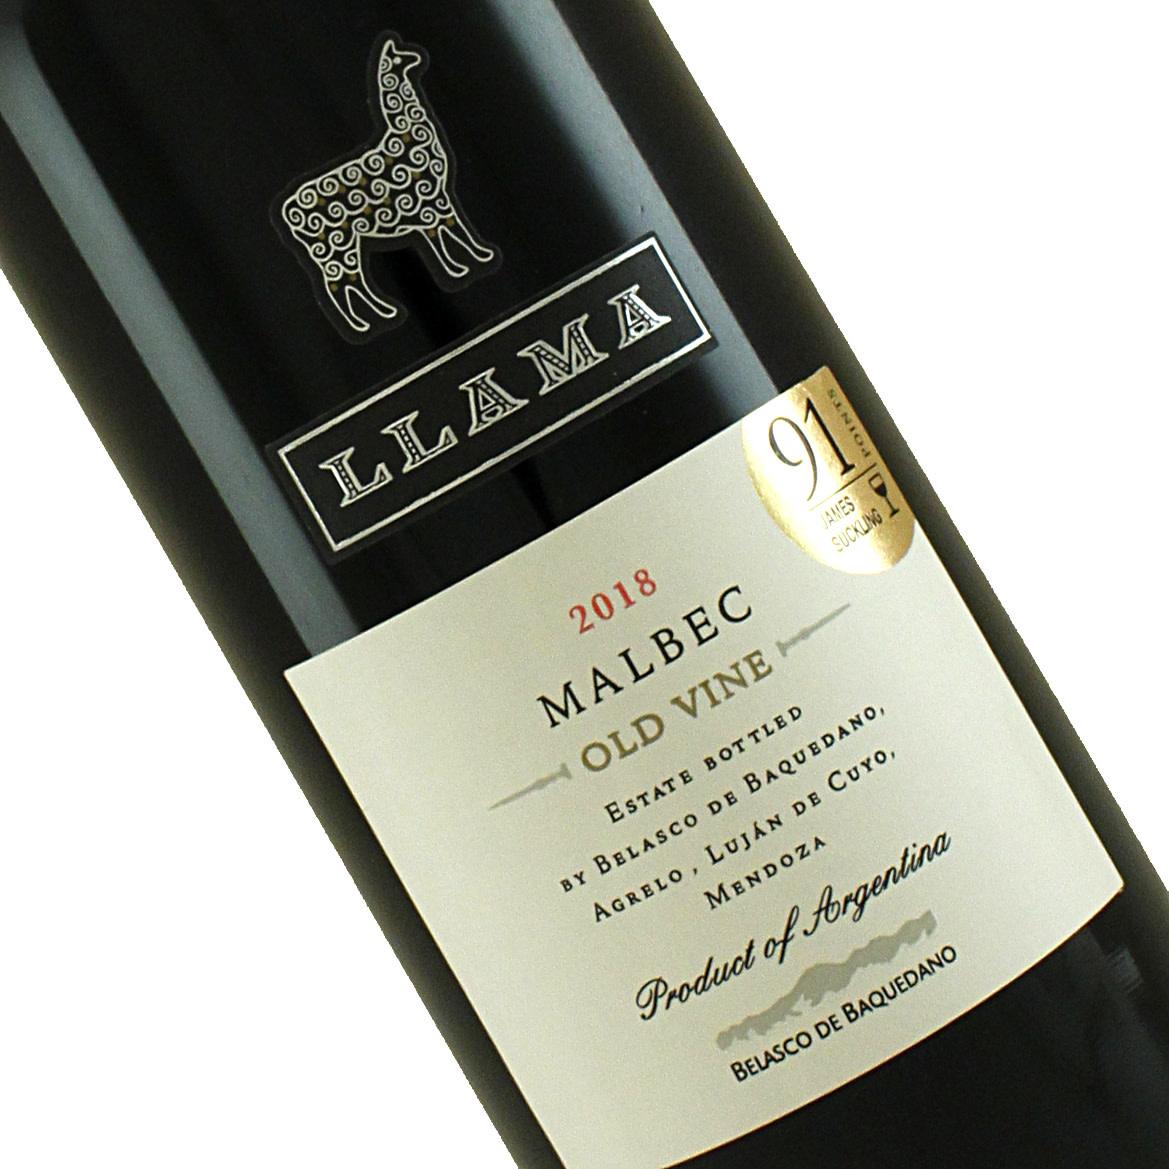 Llama 2018 Malbec Old Vine Mendoza, Argentina